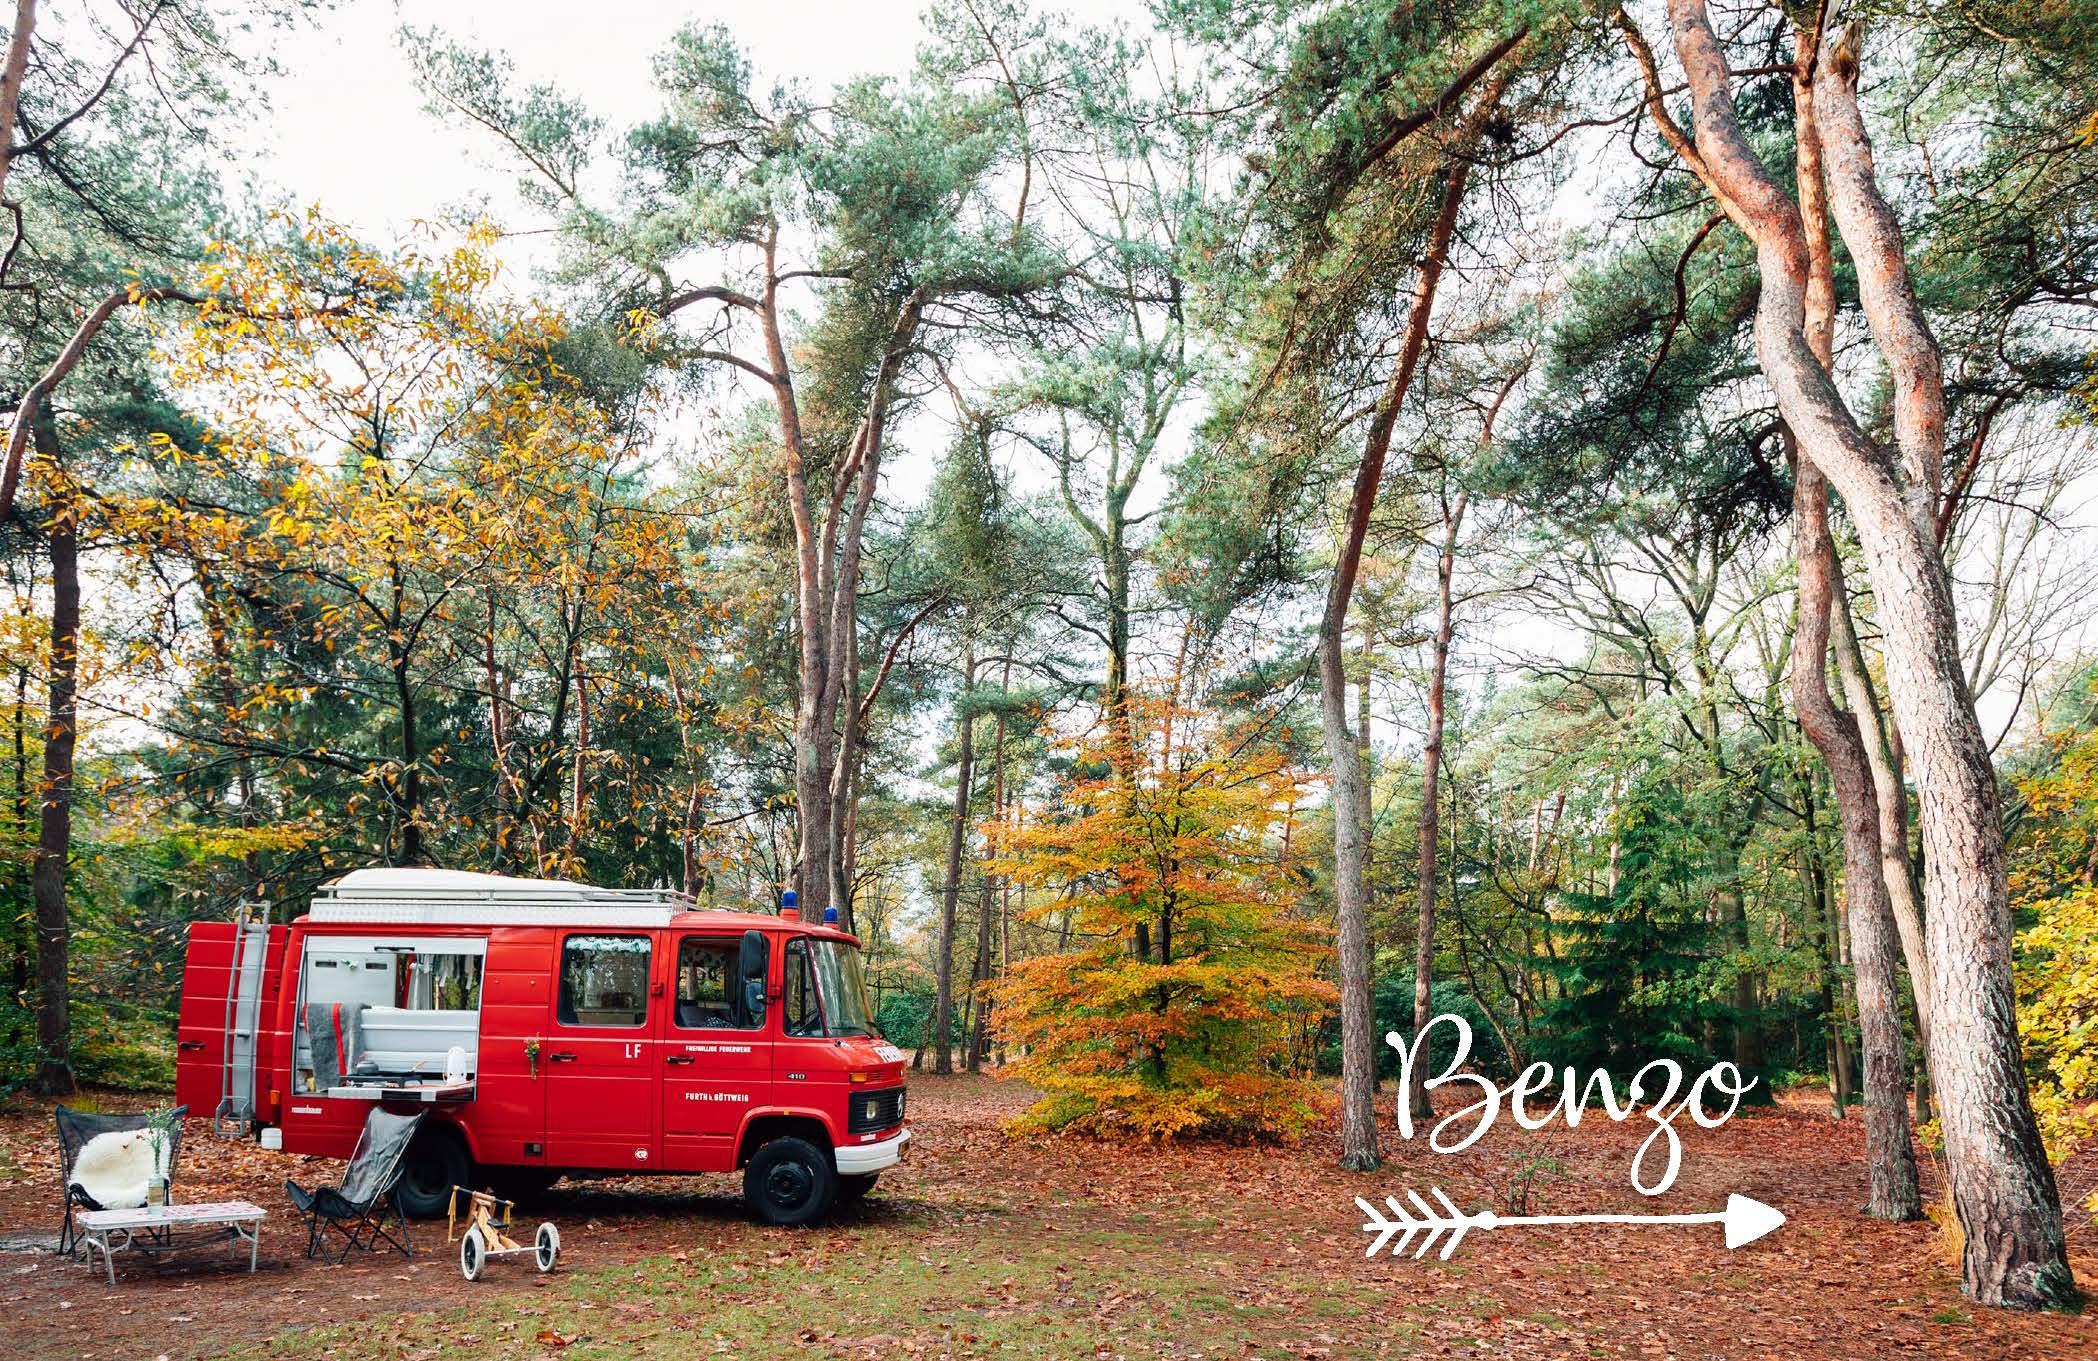 Rode oude brandweerwagen omgebouwd als camper, staat in het bos